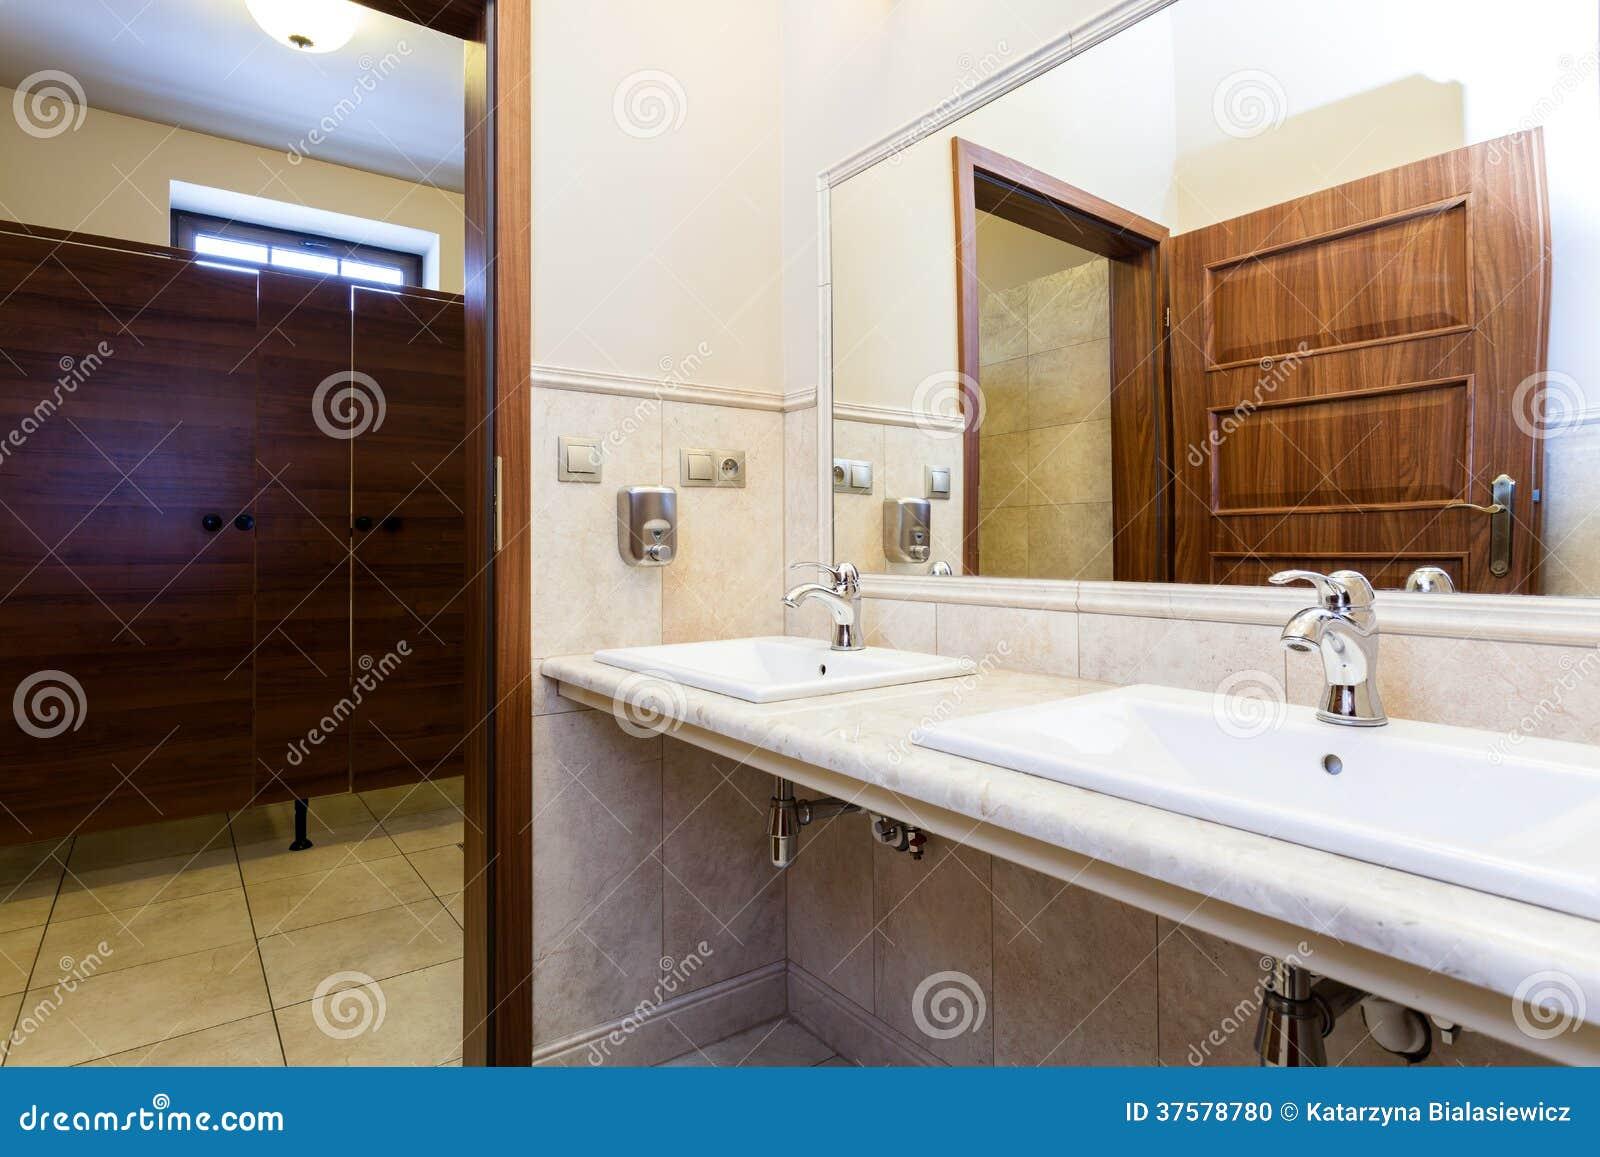 与大理石水槽和木门的现代豪华典雅的时髦的公共厕所.图片